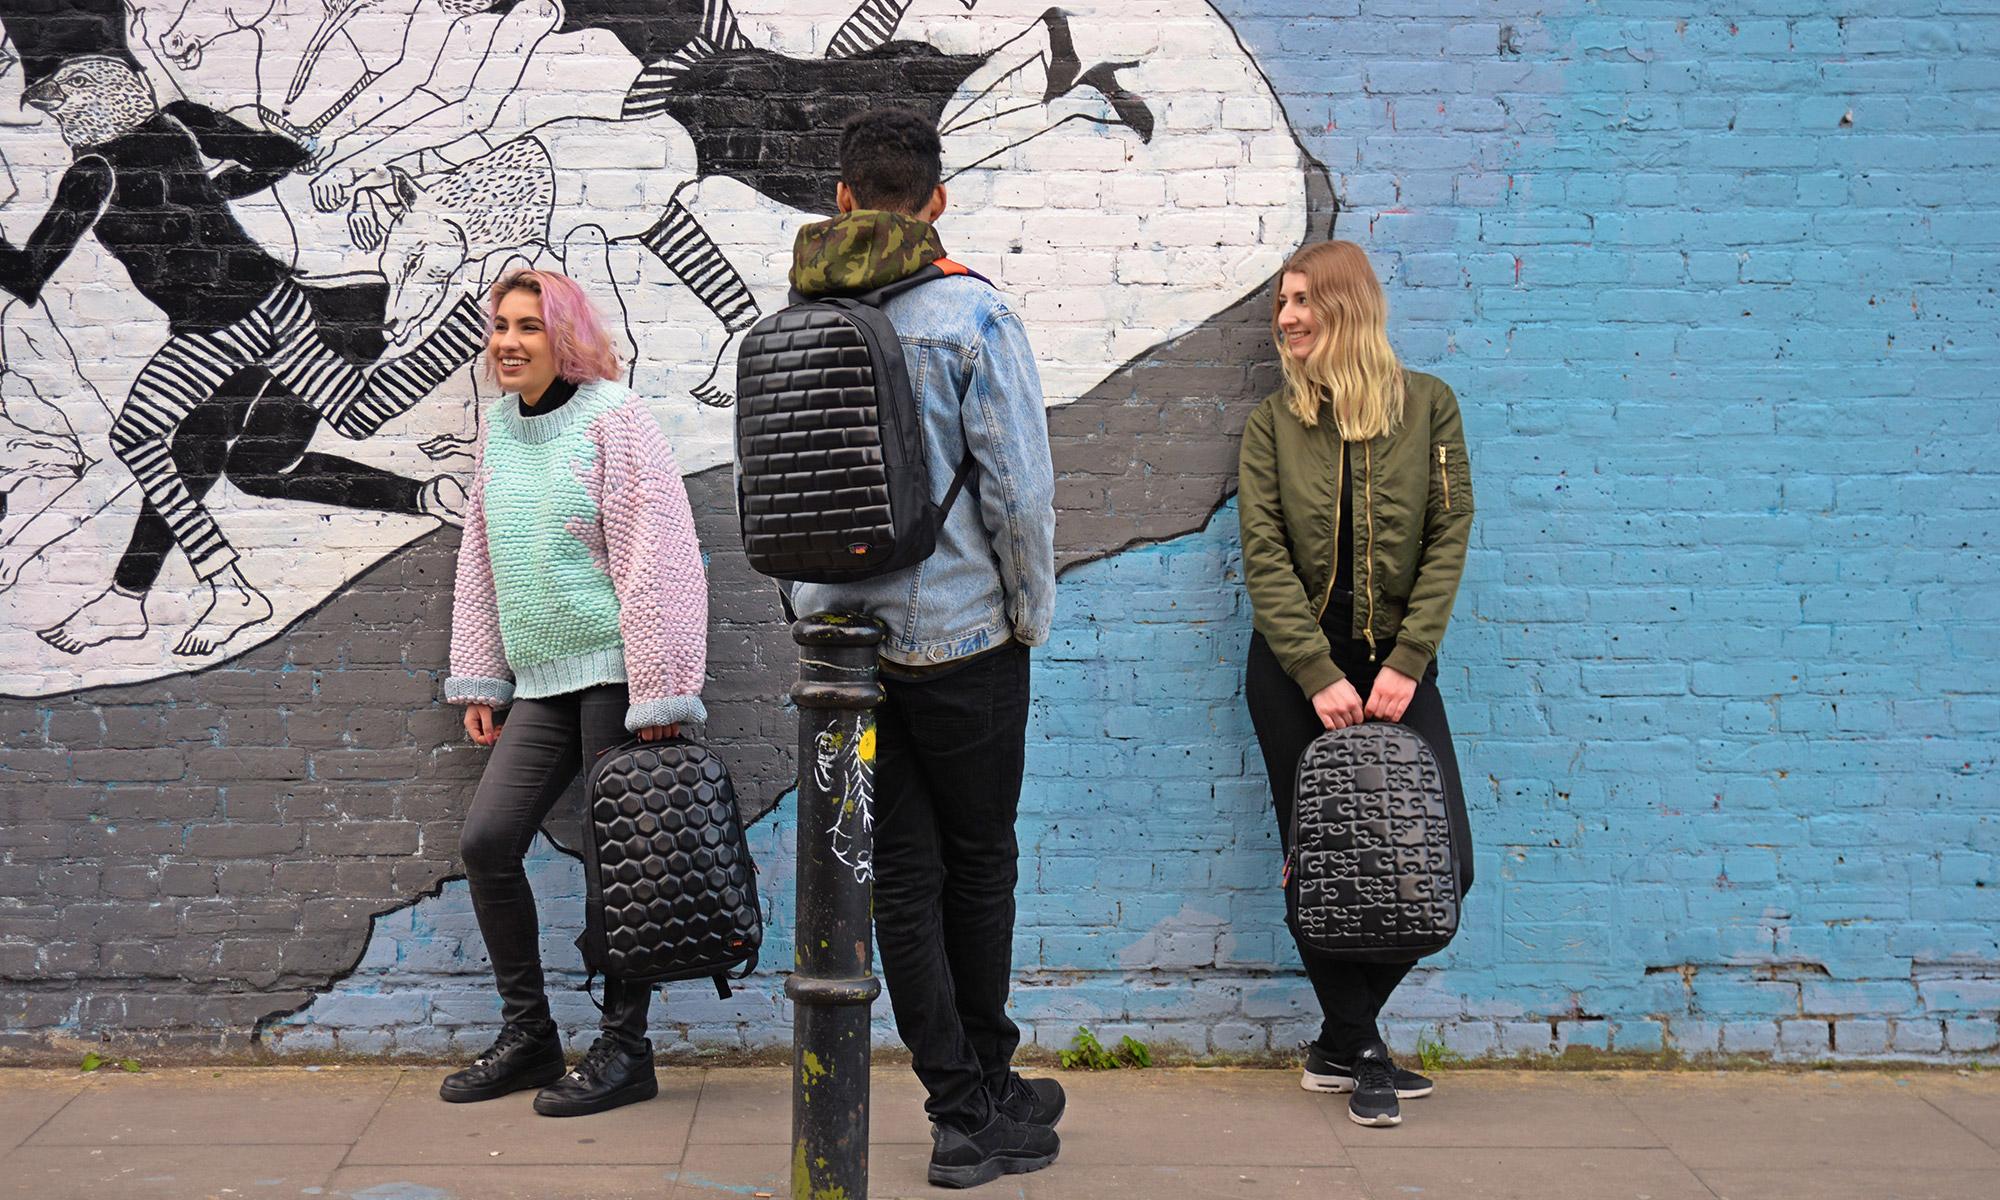 twee meisjes en een jongen met zwarte schoolrugzakken bij een graffiti muur